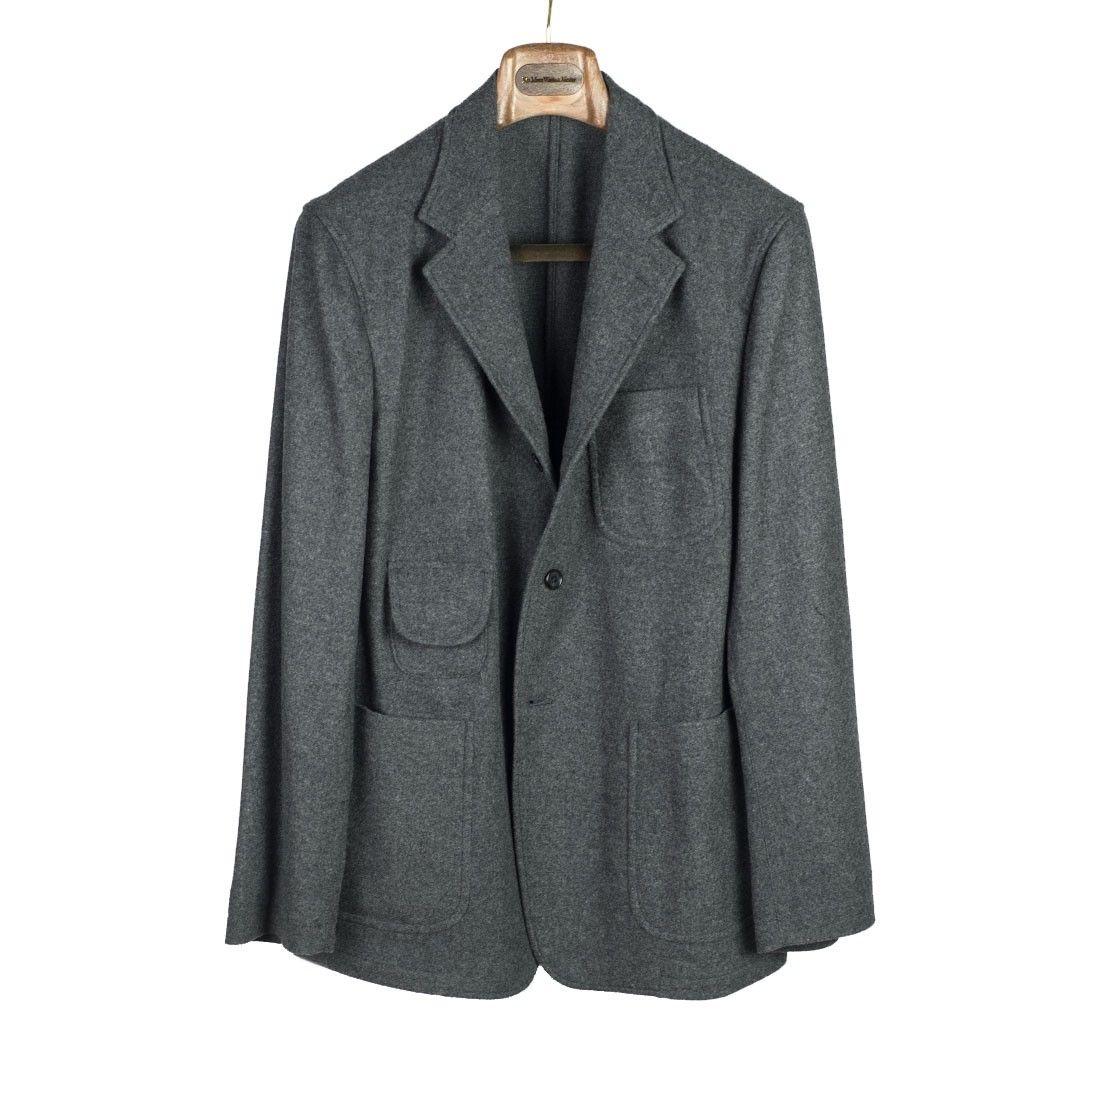 Wool cashmere flannel jacket  Fieldwrap Jacket